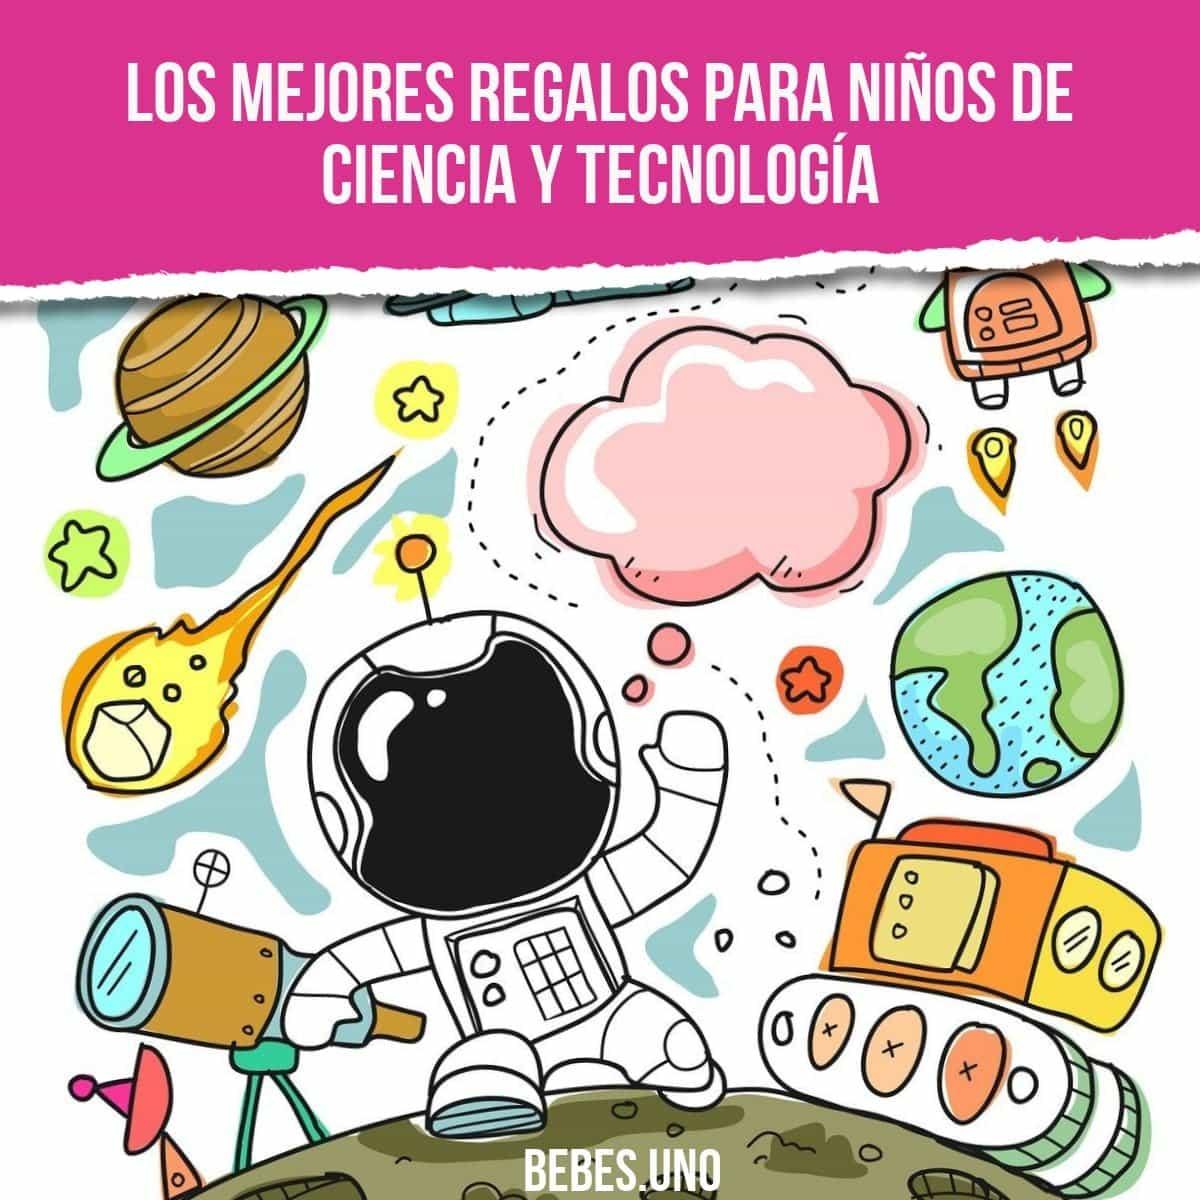 Los mejores regalos para niños de ciencia y tecnología